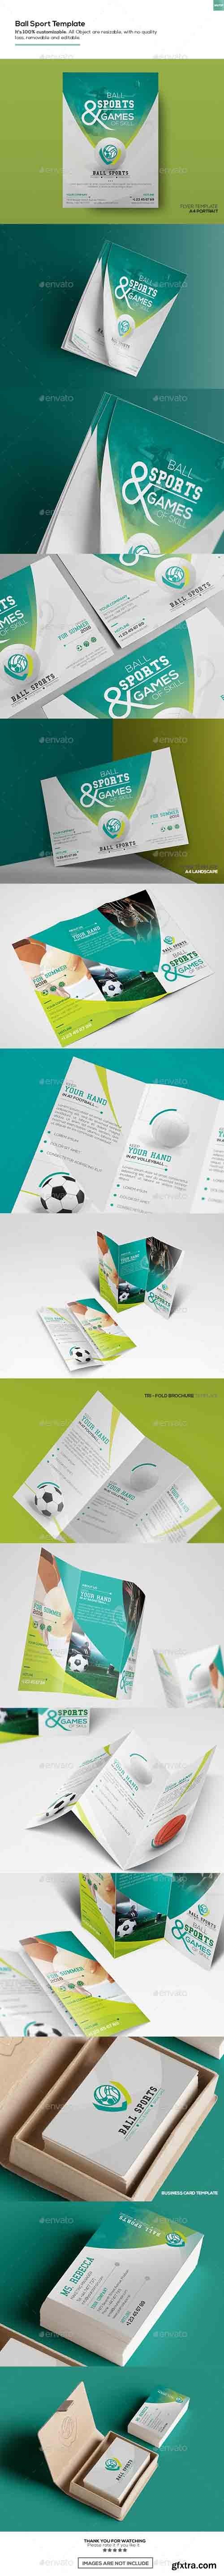 GR - Ball Sport - Set Template 15736437